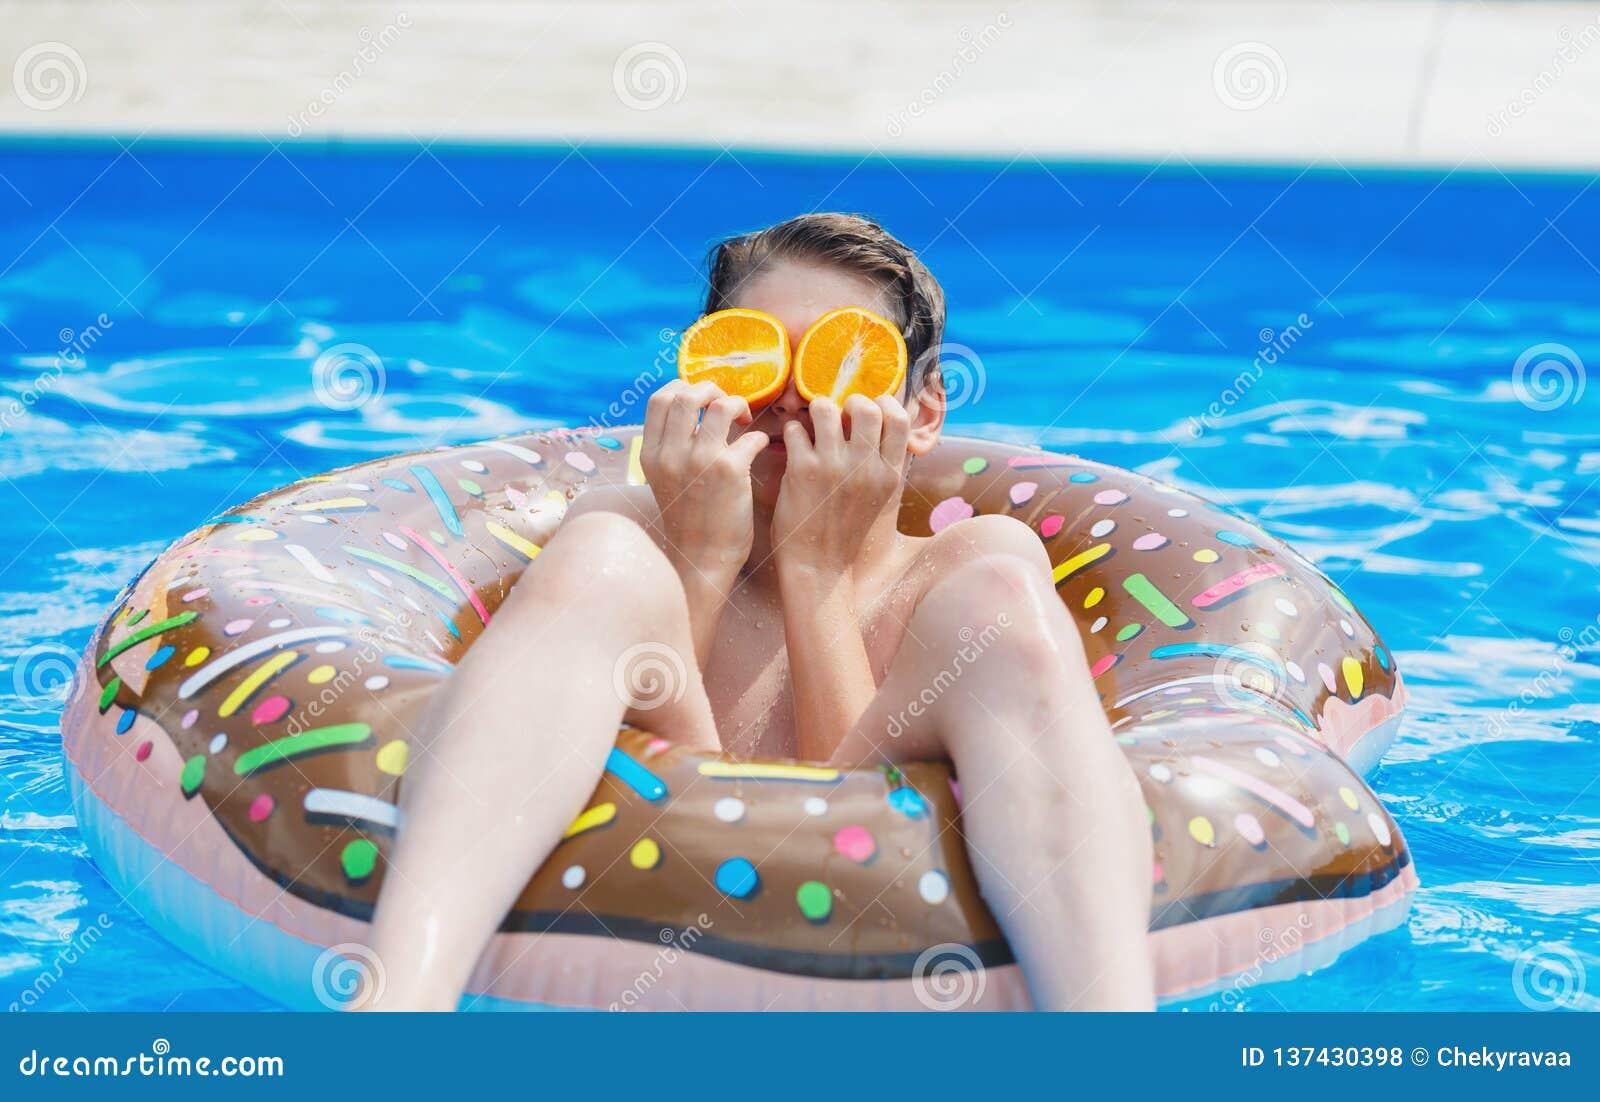 Muchacho lindo del niño en el anillo inflable divertido del flotador del buñuelo en piscina con las naranjas Adolescente que apre